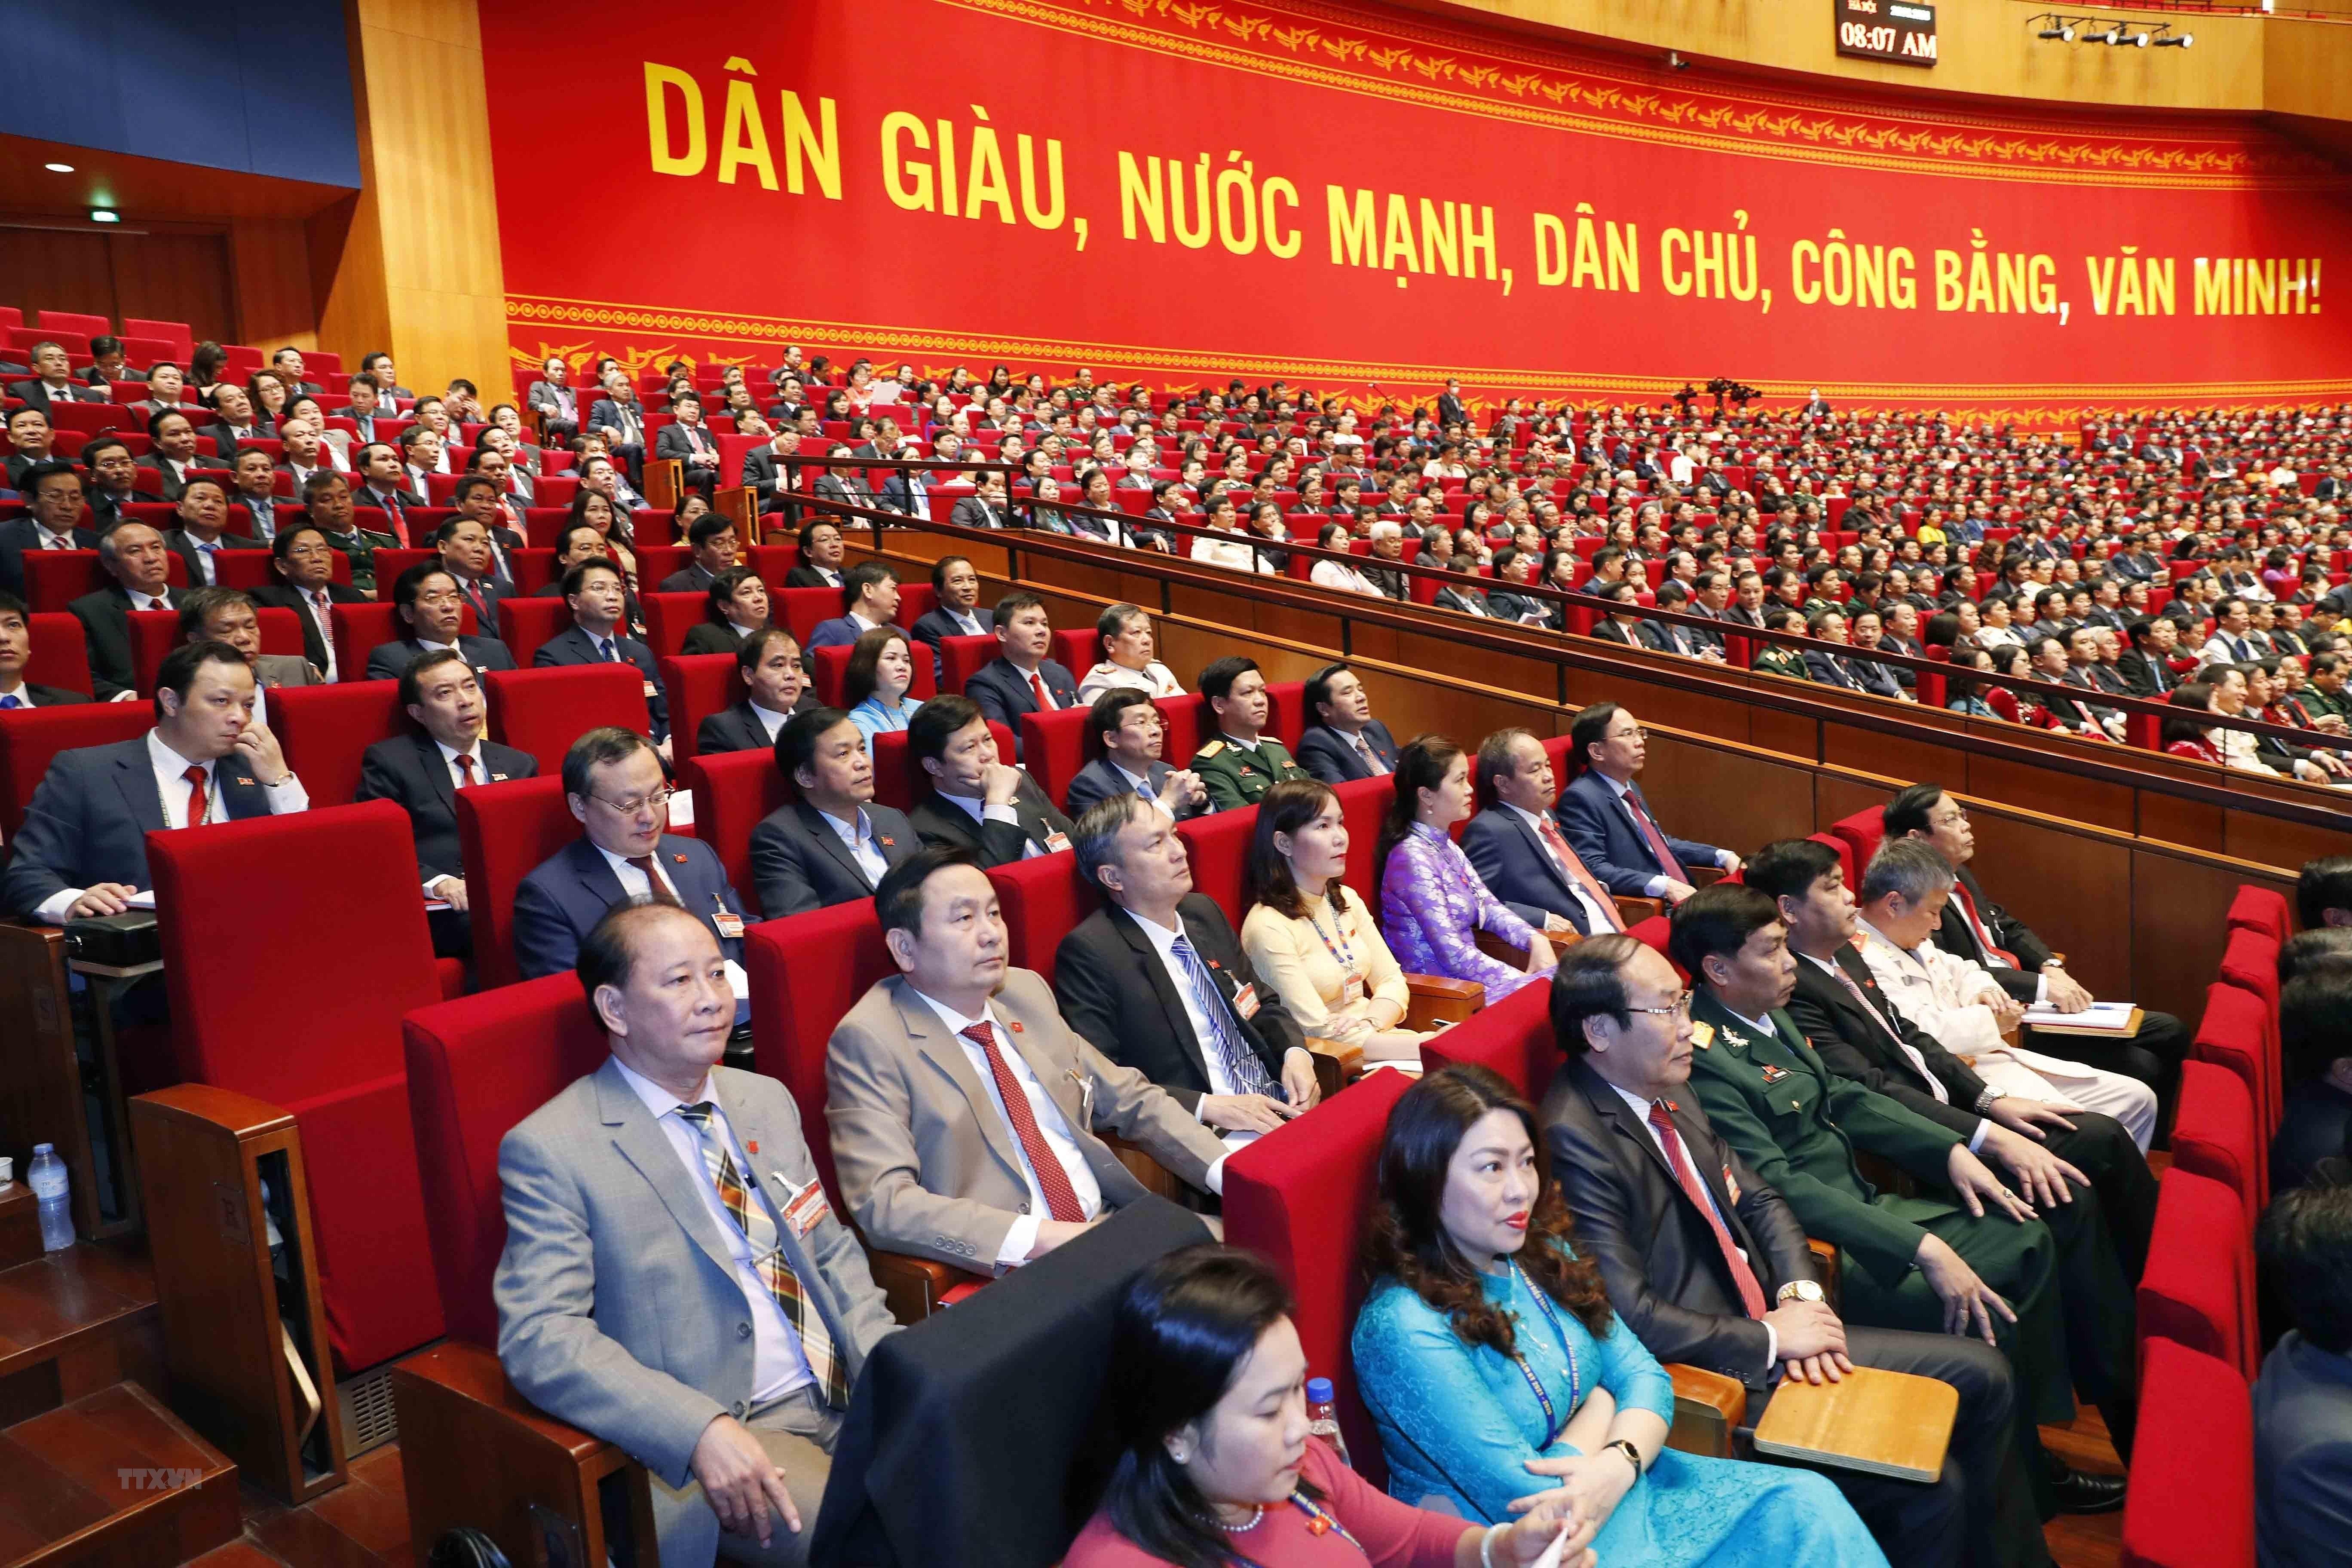 Đại biểu kỳ vọng Đại hội sẽ sáng suốt bầu chọn những người có tâm, có tầm, có tài vào Ban Chấp hành - Ảnh 1